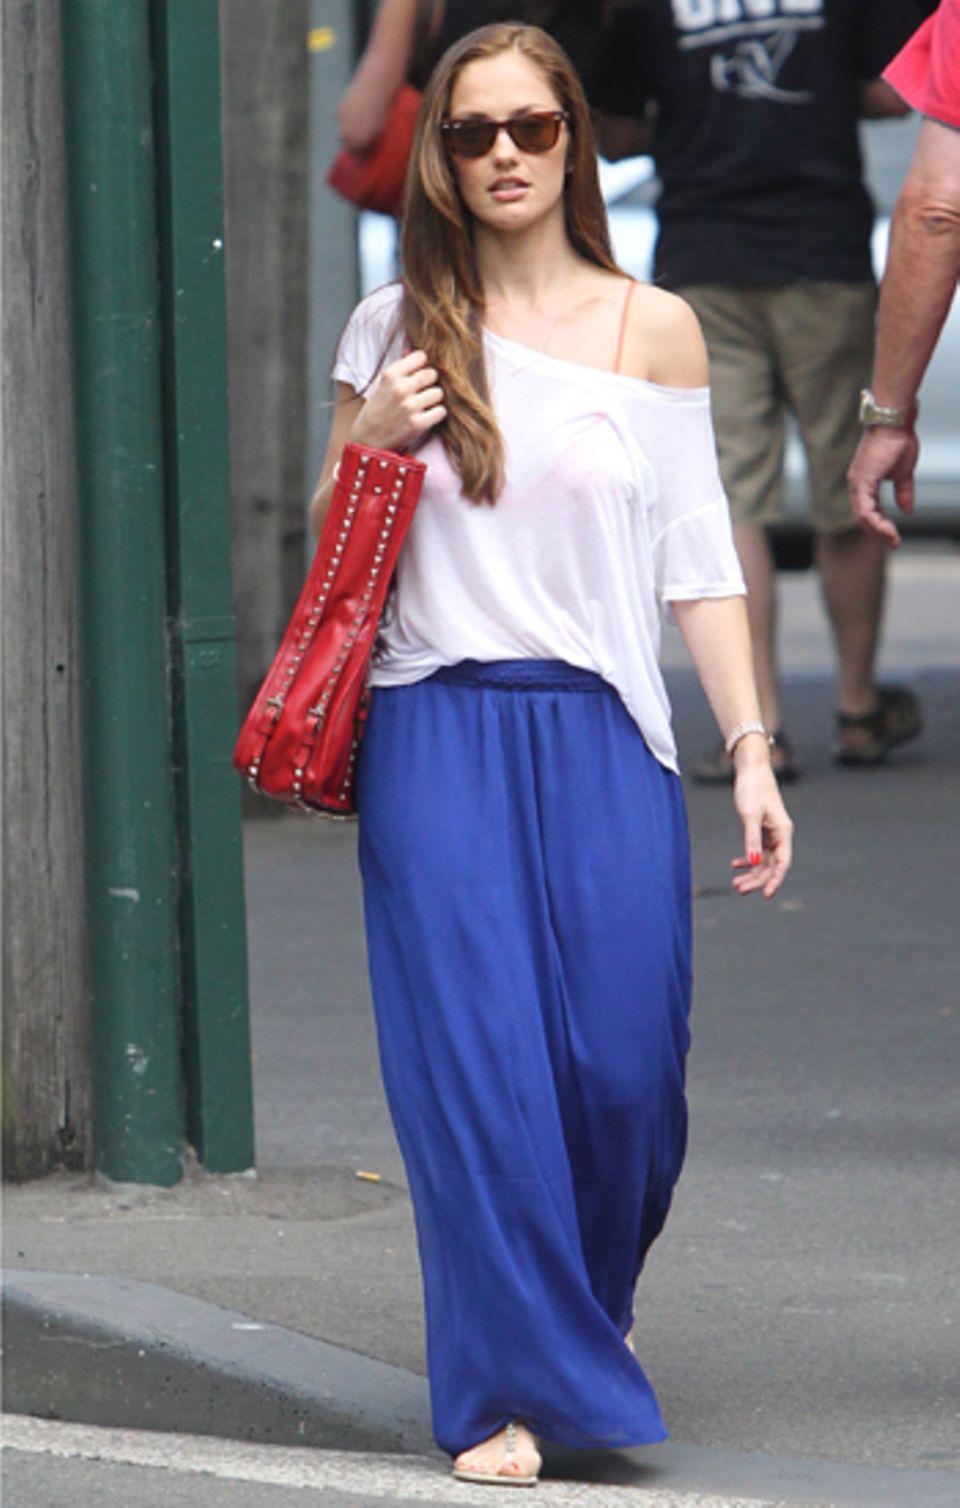 Schauspielerin Minka Kelly im luftigen Sommeroutfit mit blauem Maxirock.